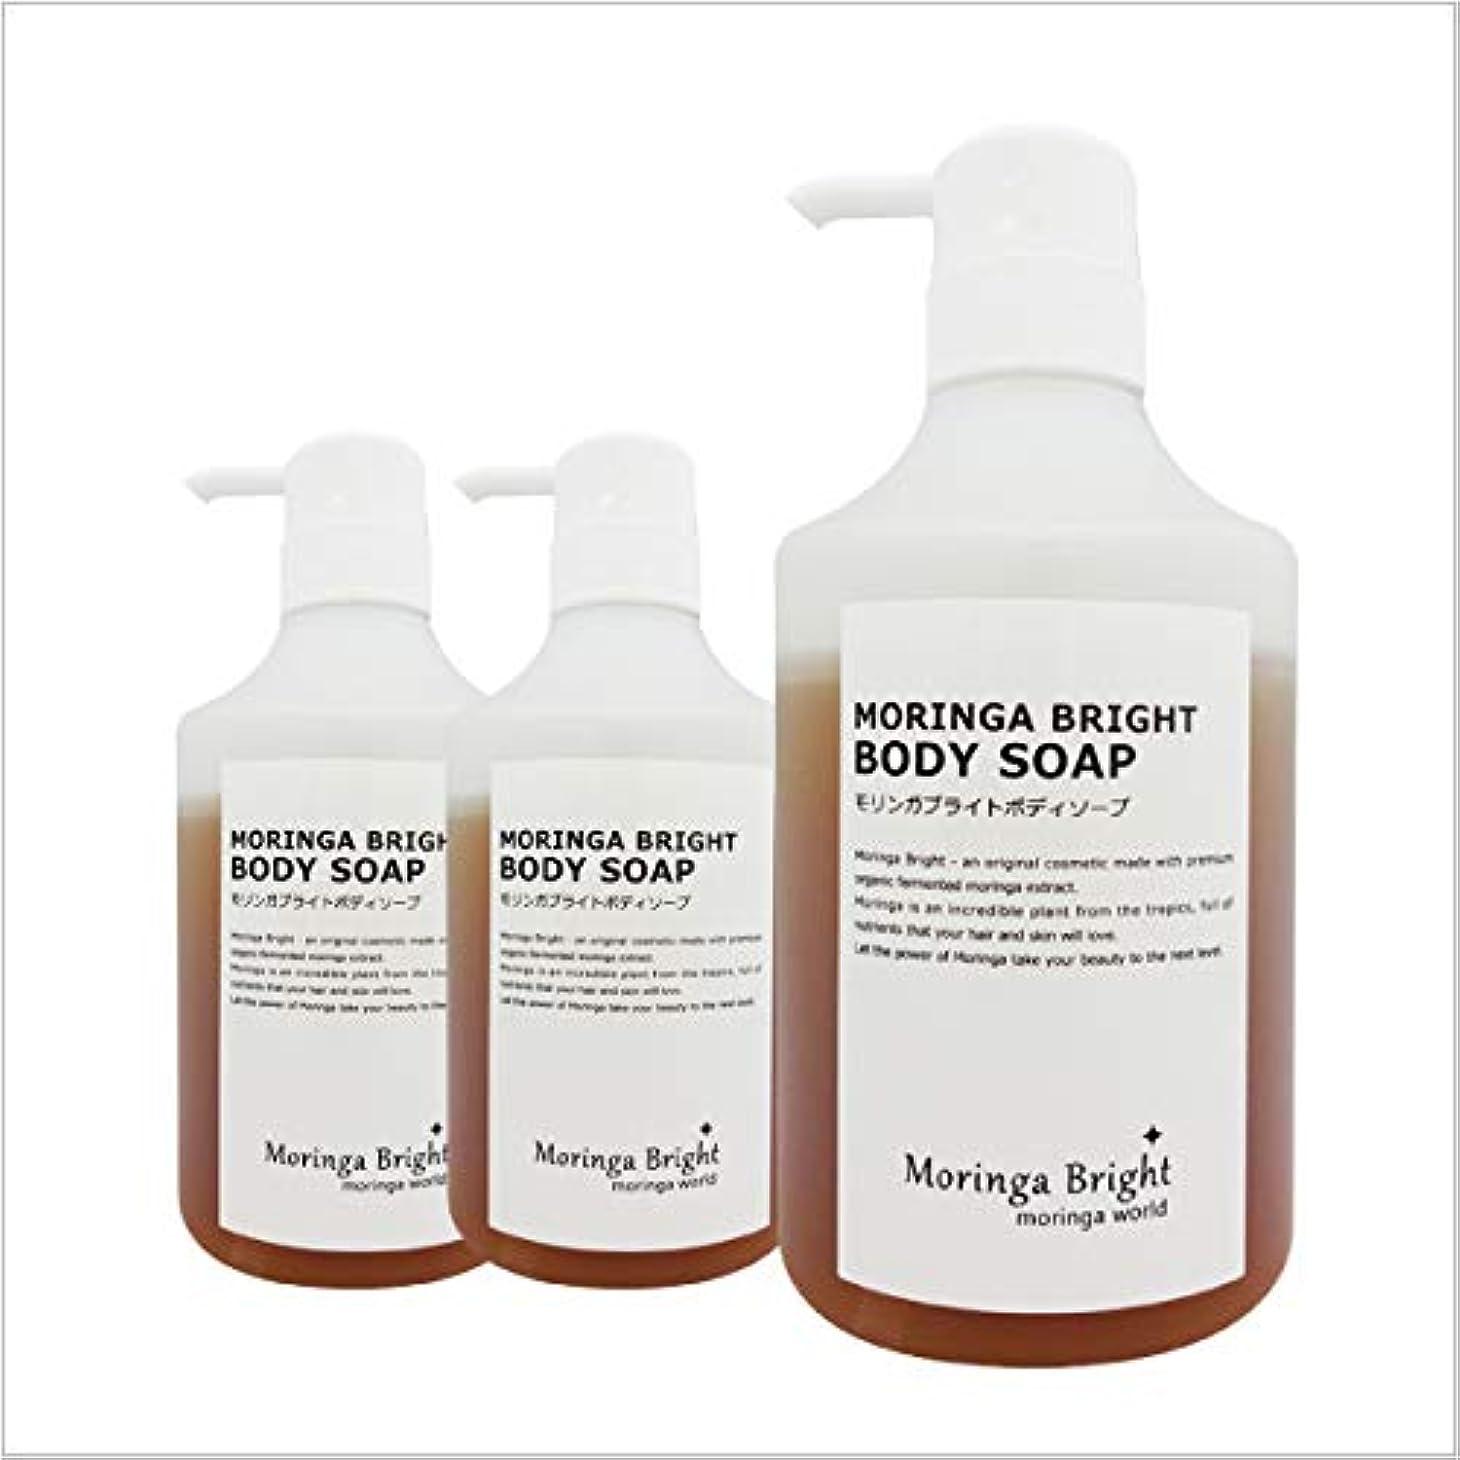 フリル違法タービンモリンガブライトボディソープ(450ml x 3本)洗顔もできる無添加ボディソープ オーガニックモリンガを乳酸発酵させた保湿美容成分「発酵モリンガエキス」配合」